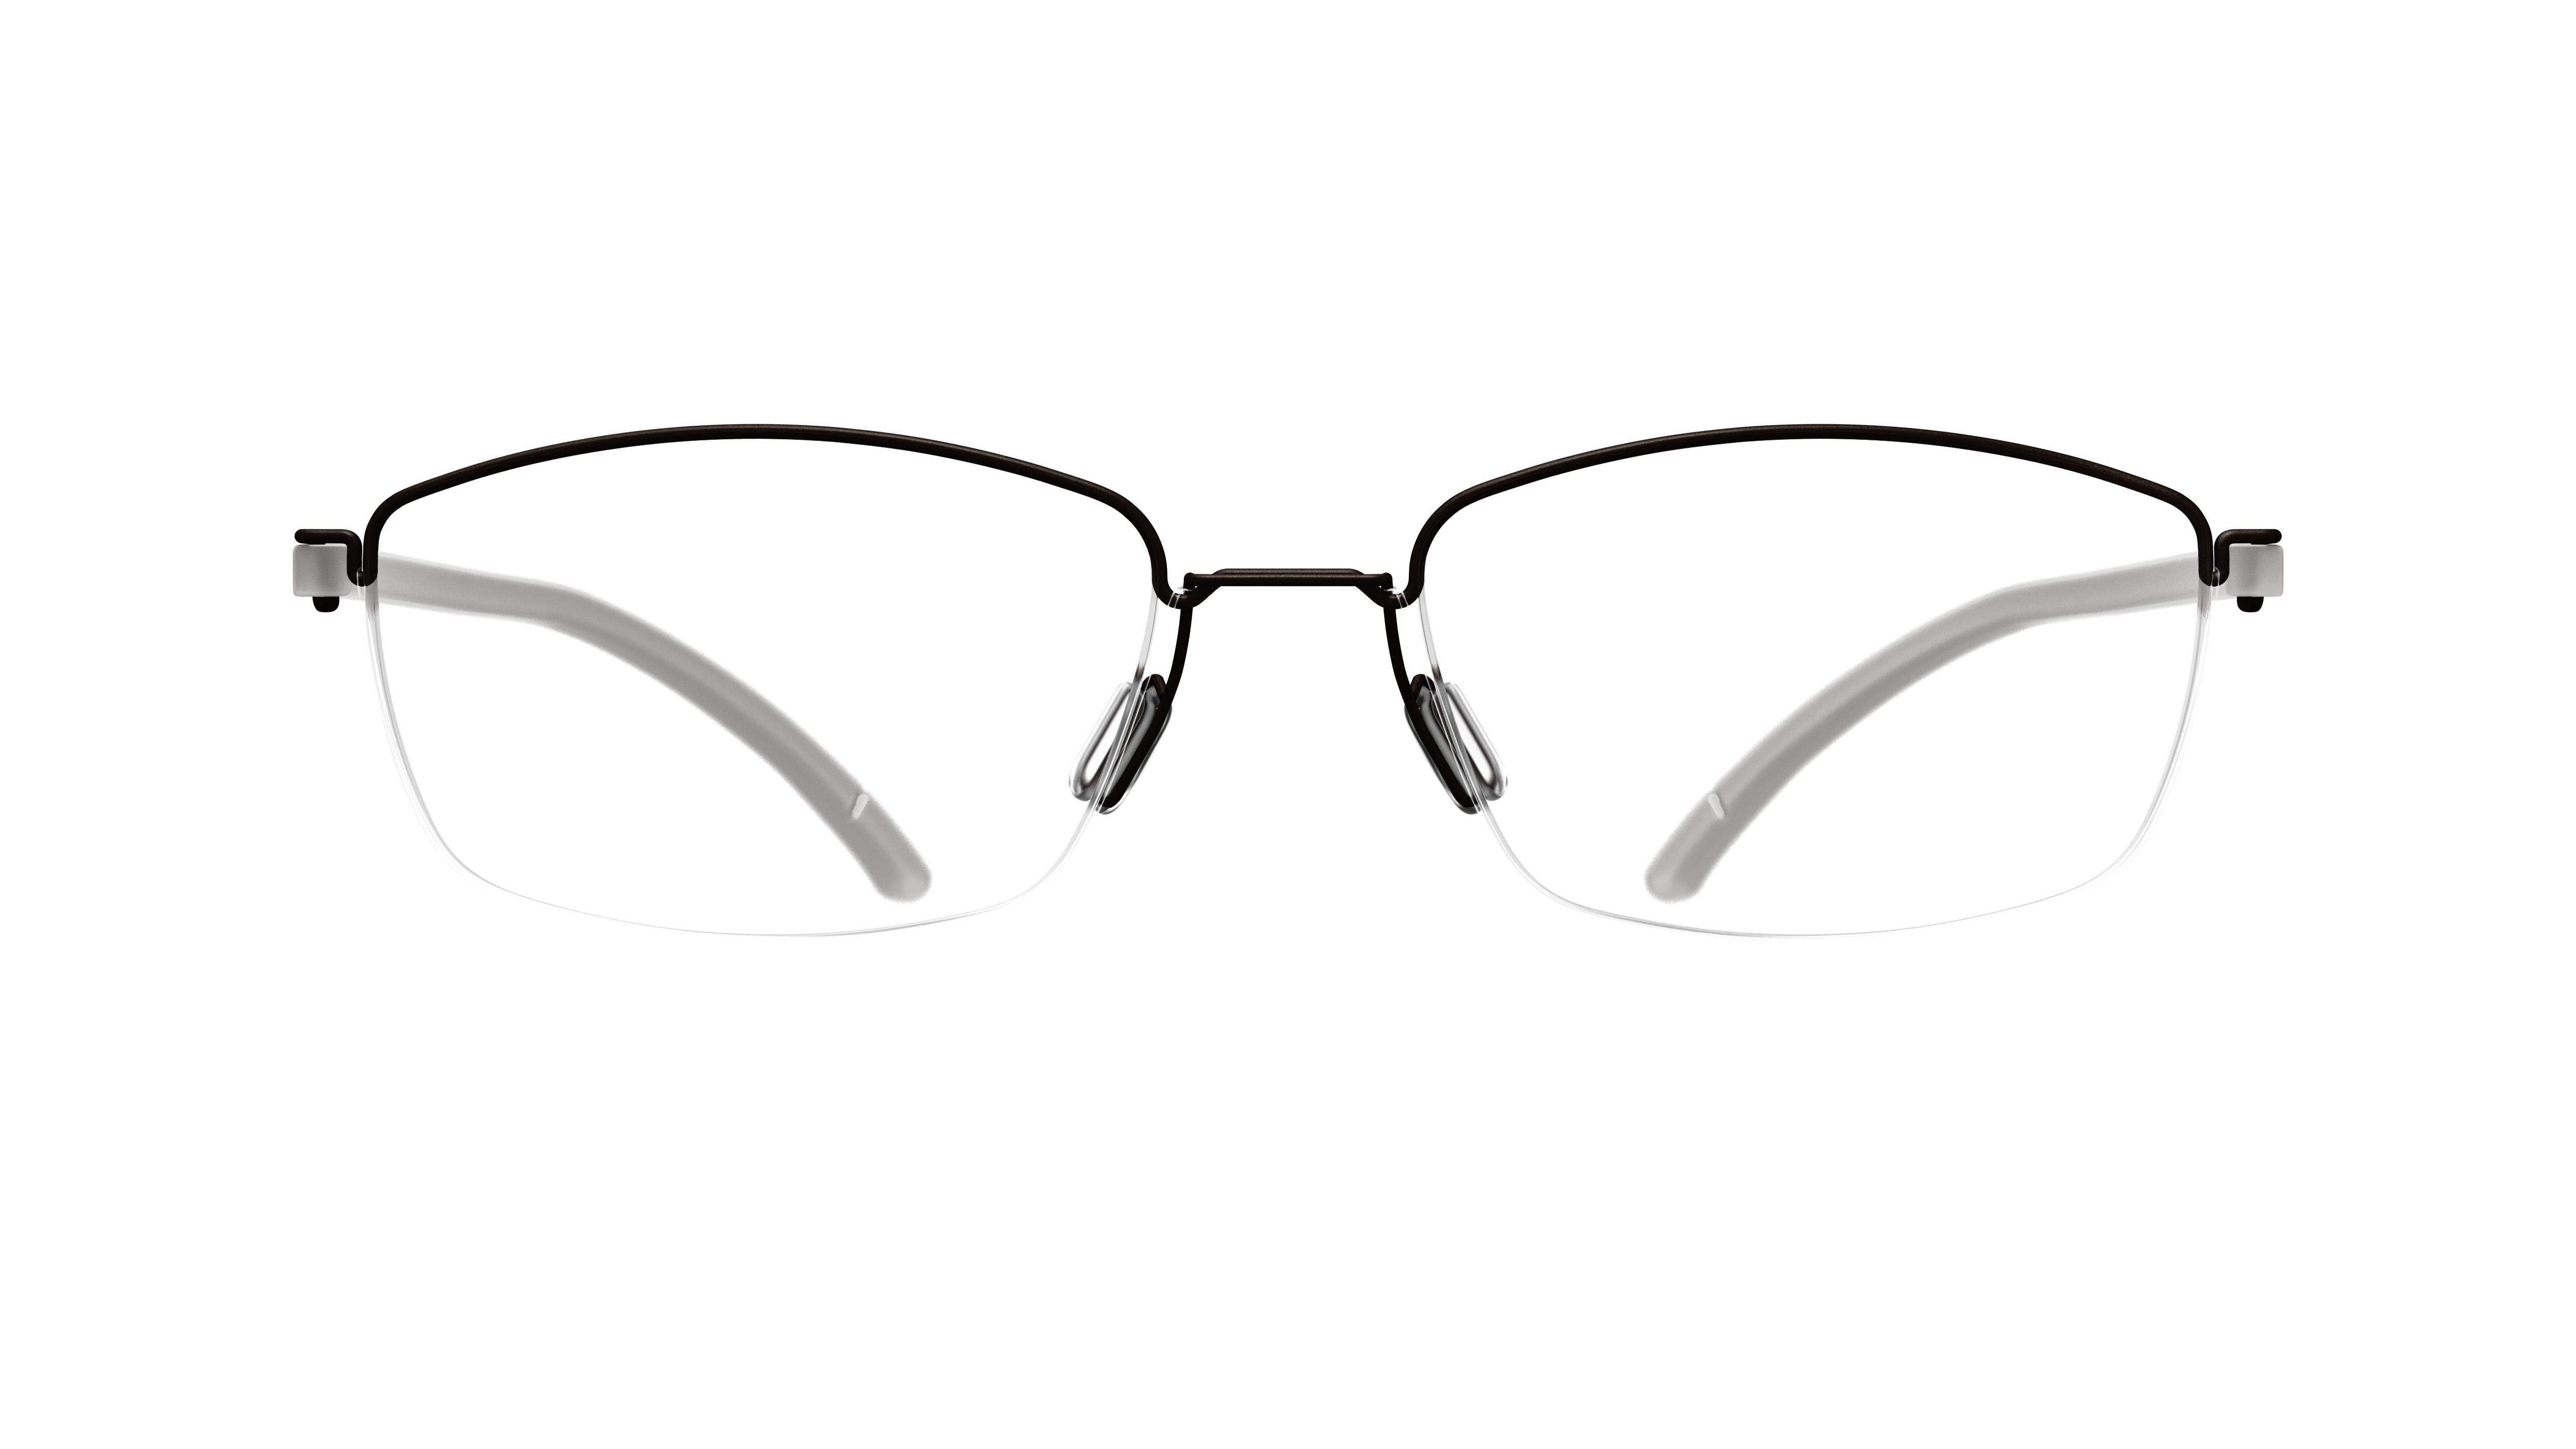 markus t design neo brillen muenchen - Markus T Design Neo